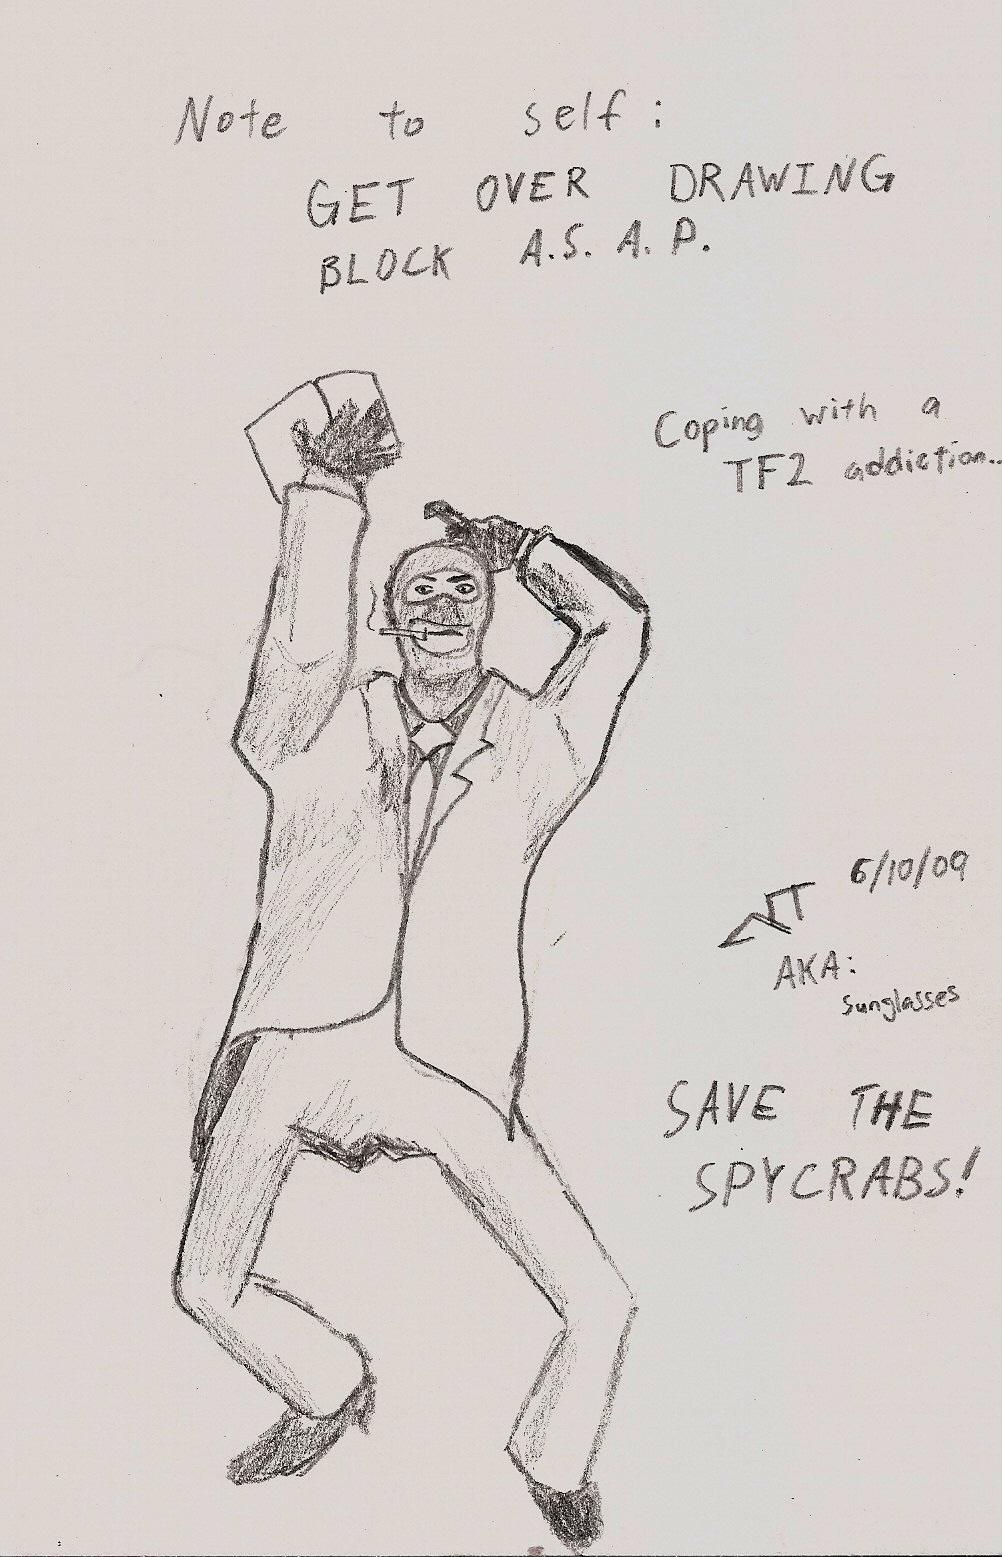 Art Block: Spycrab